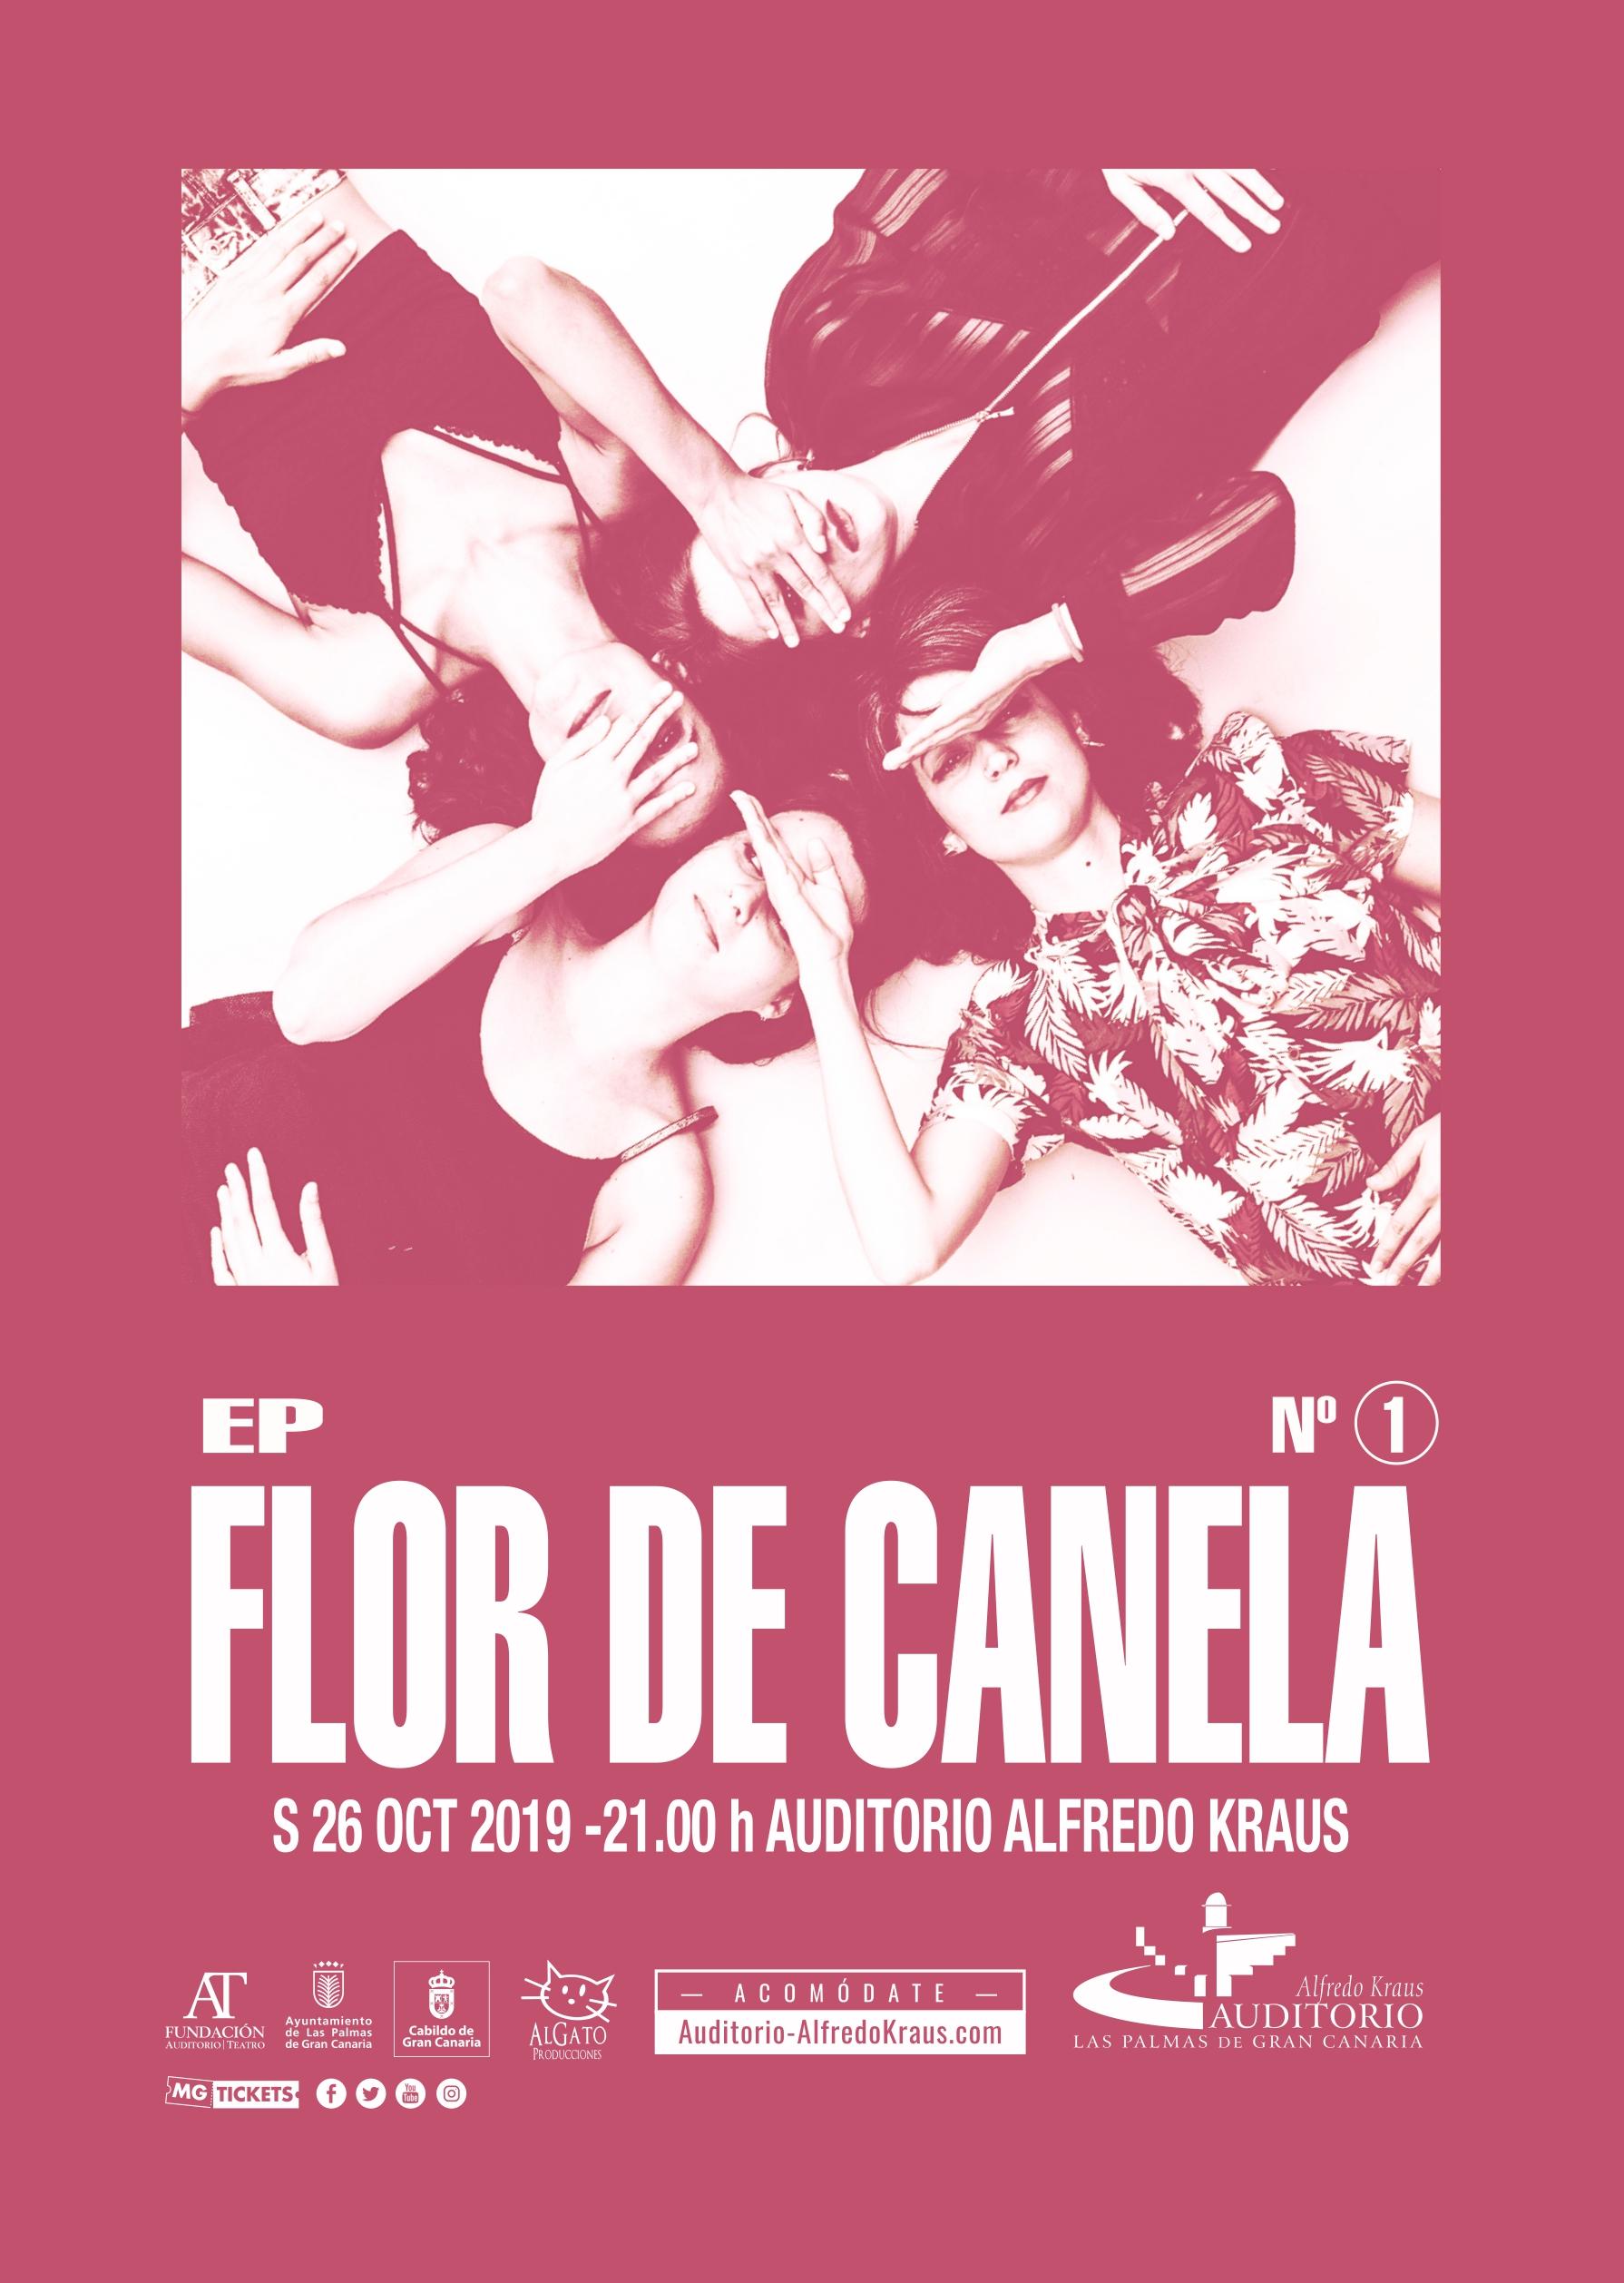 FLOR DE CANELA AAK 2019